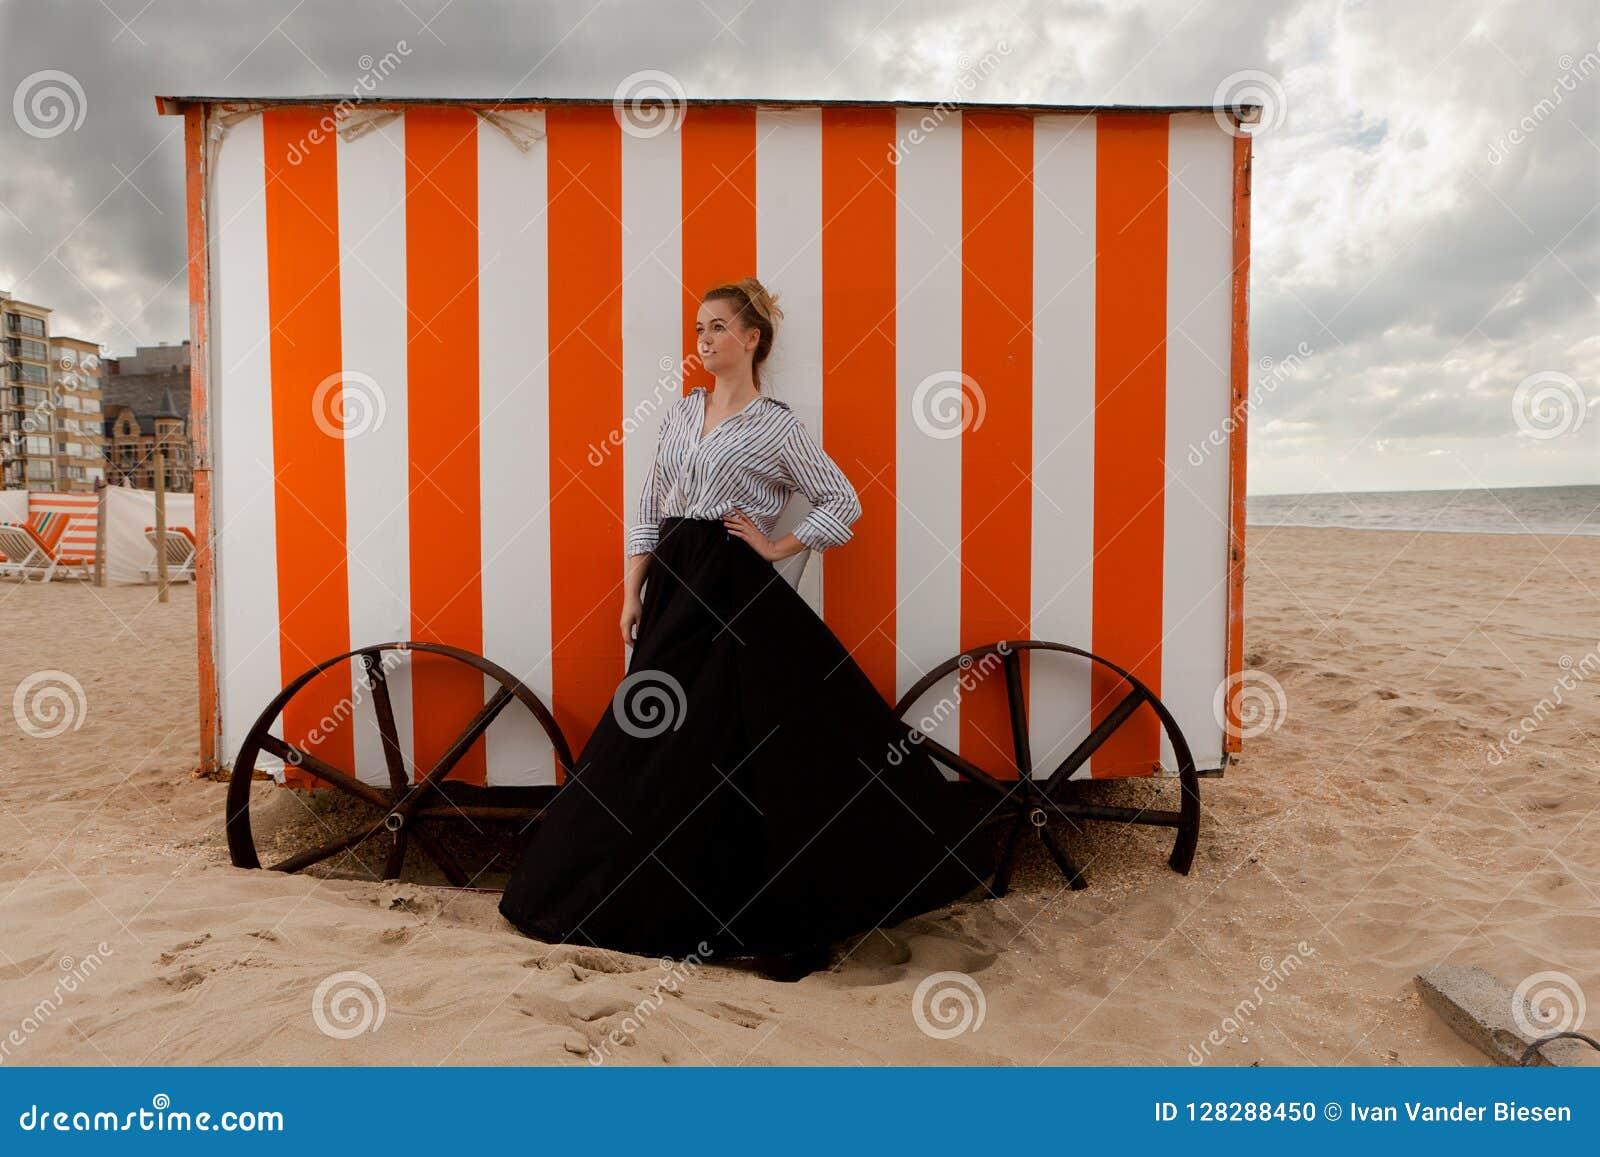 Het zandhut van de meisjeszon, De Panne, België